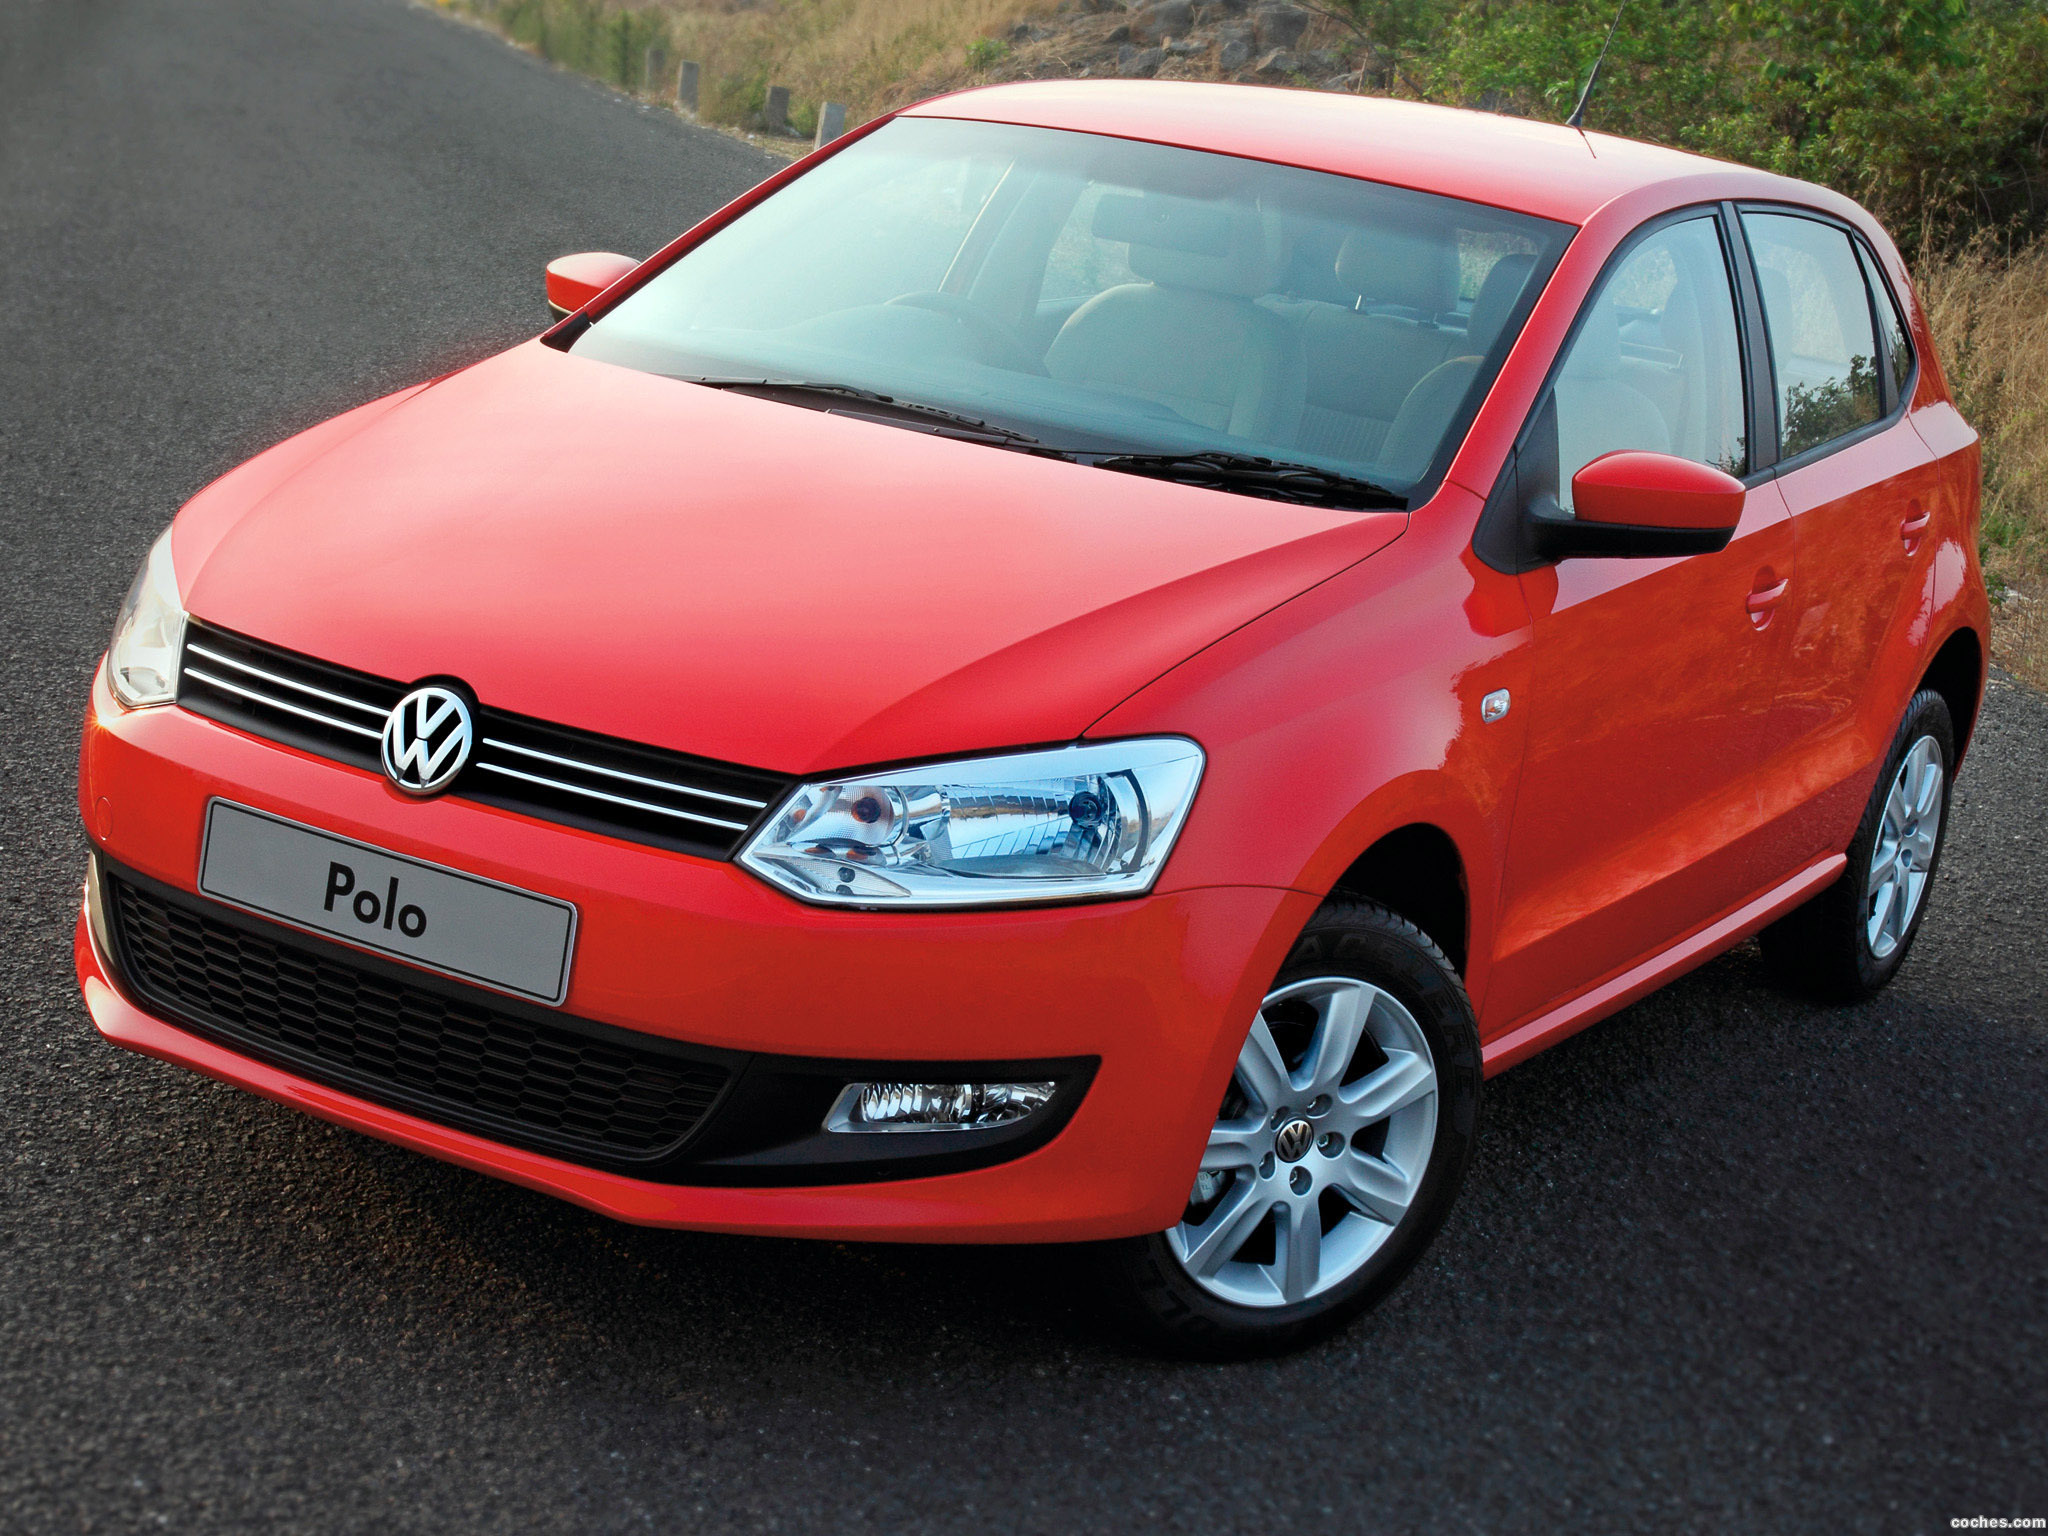 Foto 0 de Volkswagen Polo 5 door India 2010